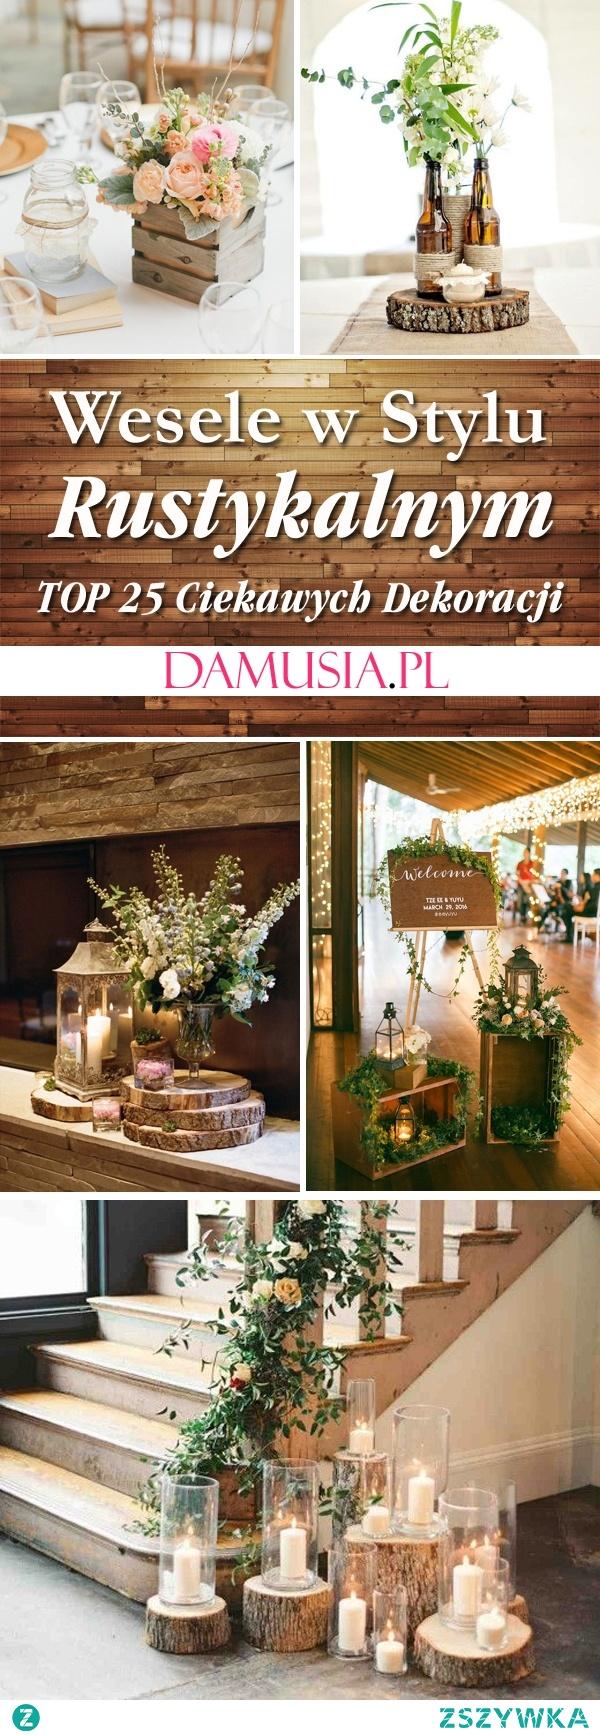 Wesele w Stylu Rustykalnym: TOP 25 Ciekawych Inspiracji i Pomysłów na Rustykalne Dekoracje